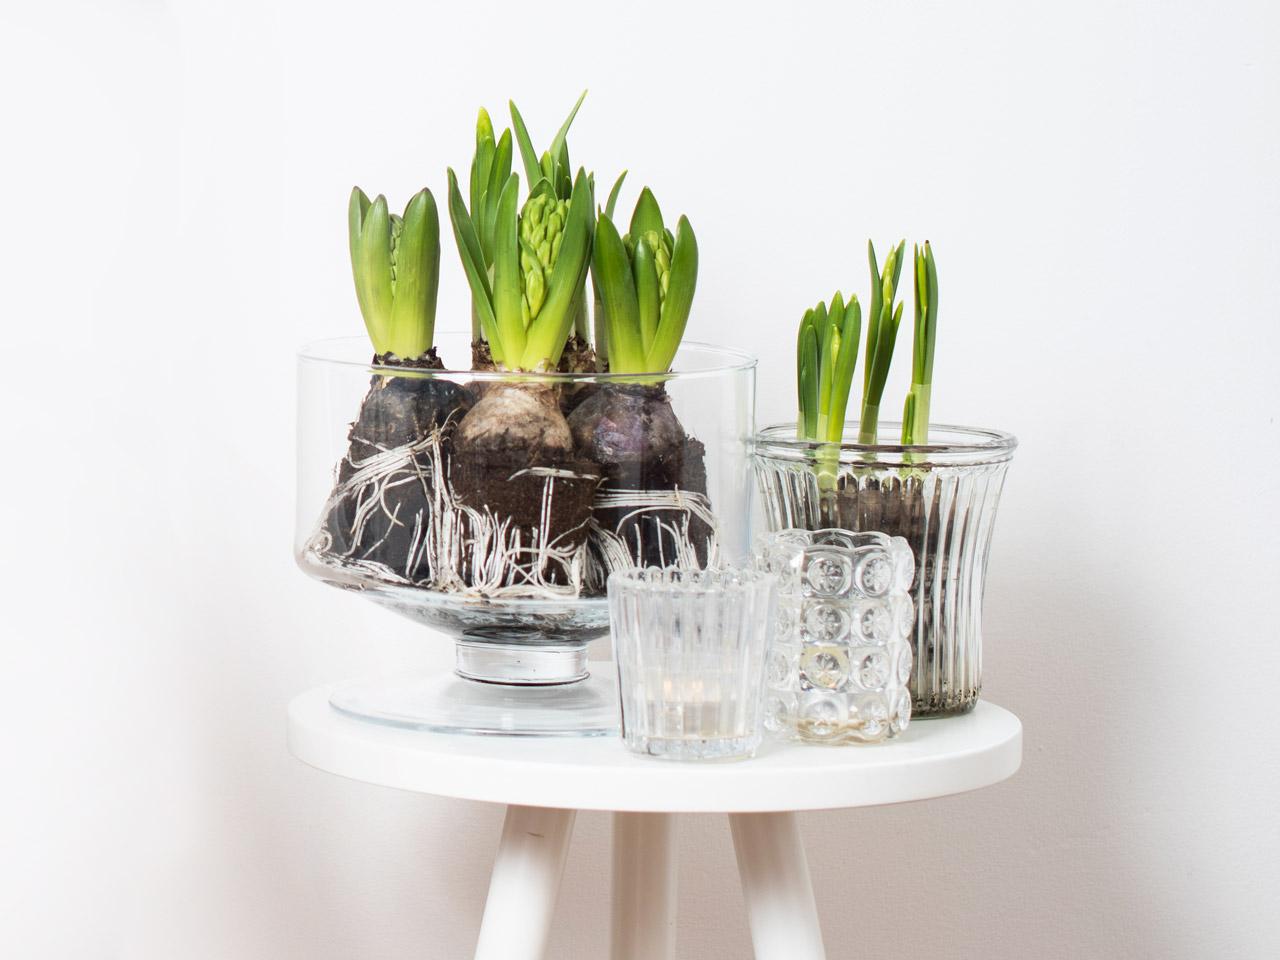 Osterdekoration minimalistische Glasblumentöpfe